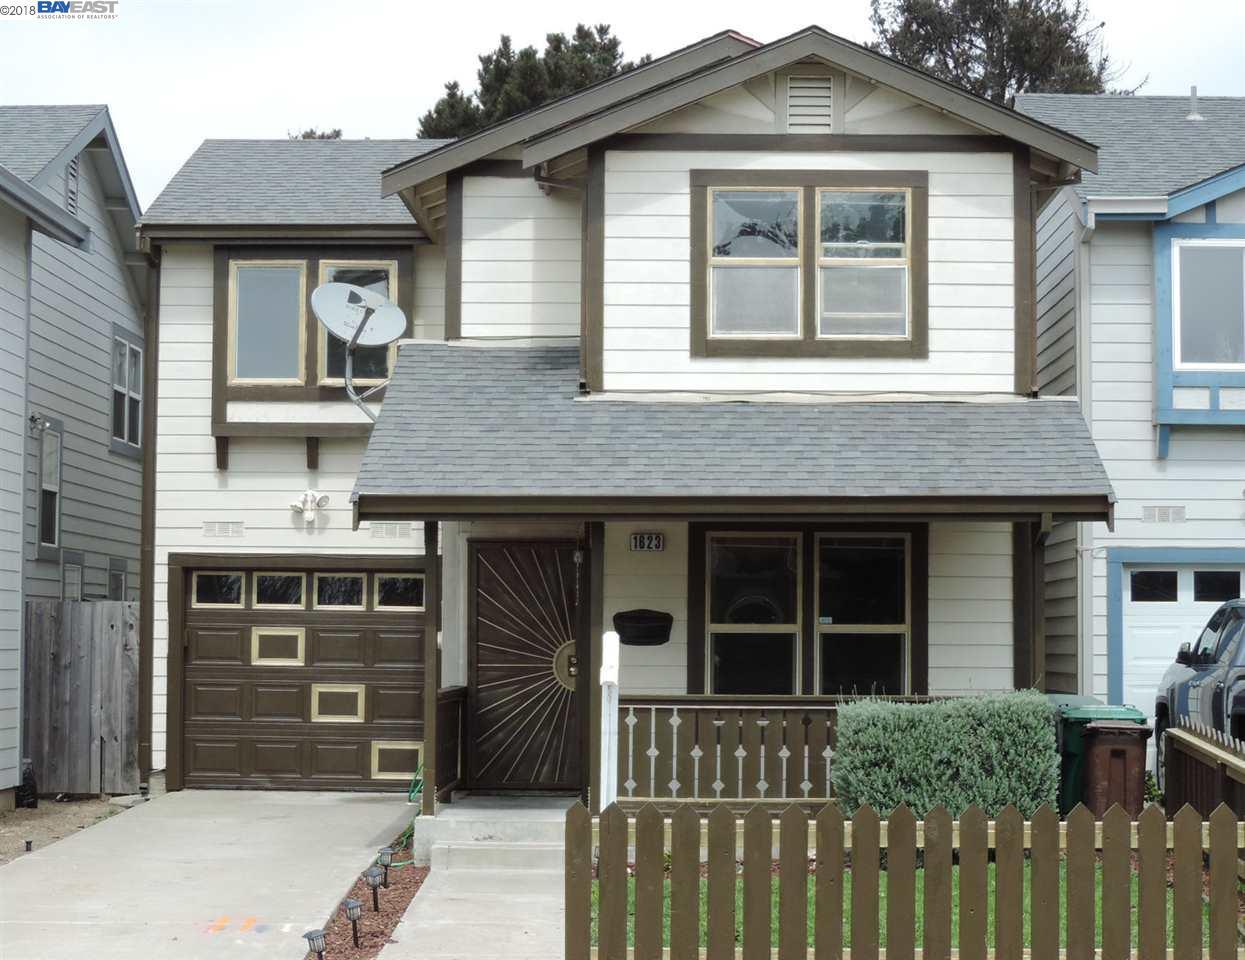 1623 LIVINGSTON LANE, RICHMOND, CA 94801